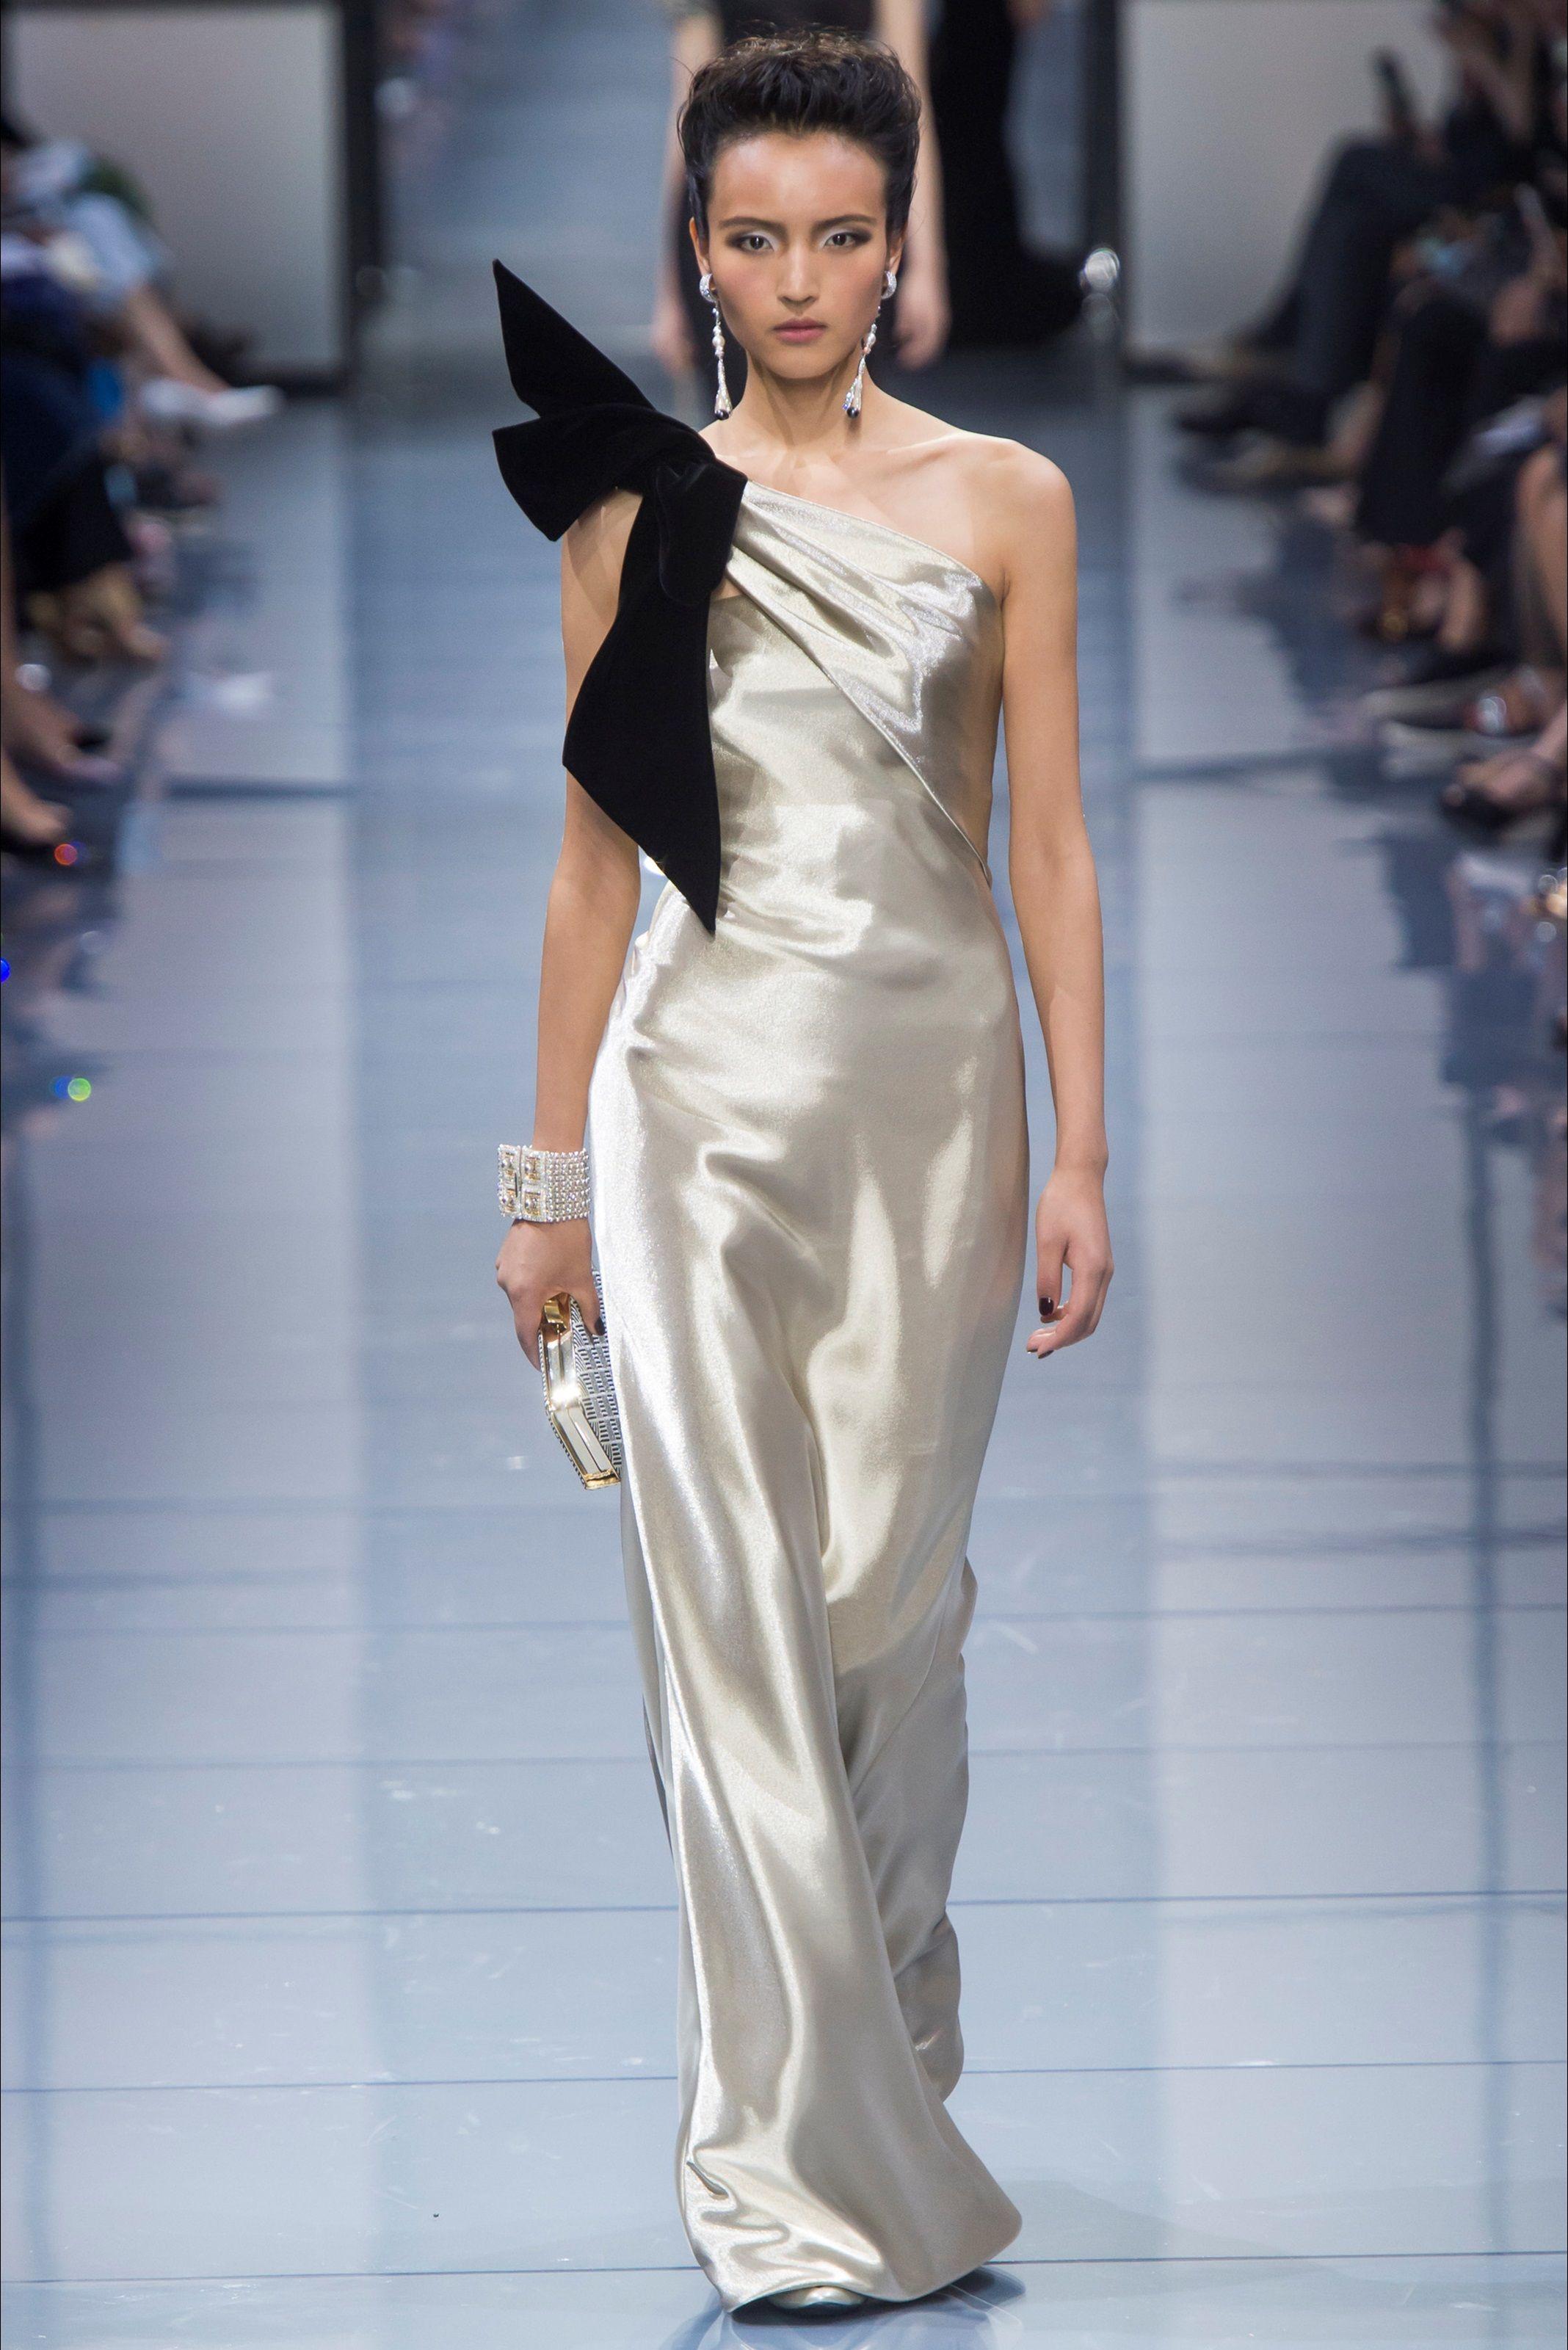 Moda Giorgio Armani Guarda Parigi La E A Scopri Privé Sfilata Di ULpjqVGzSM